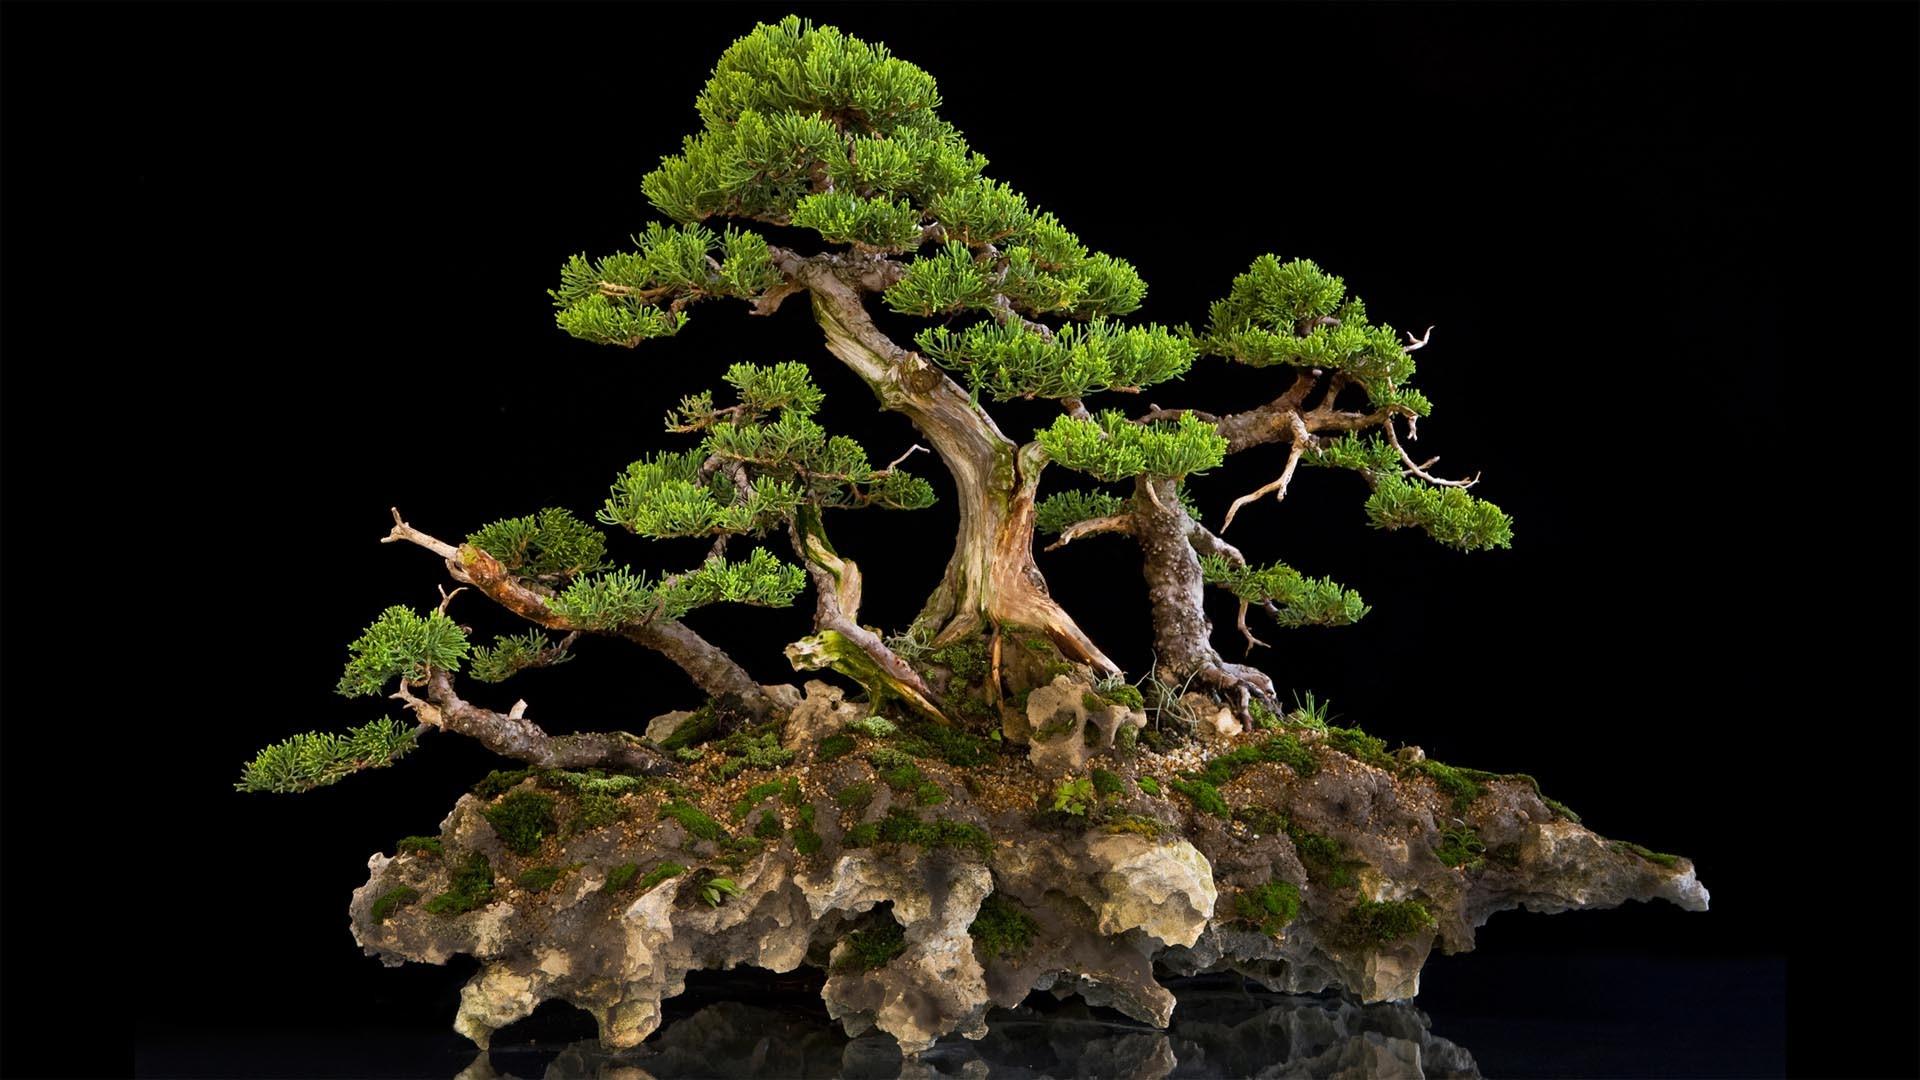 fond d 39 cran branche bonsai arbre produire plante terrestre plante bois e plante d. Black Bedroom Furniture Sets. Home Design Ideas